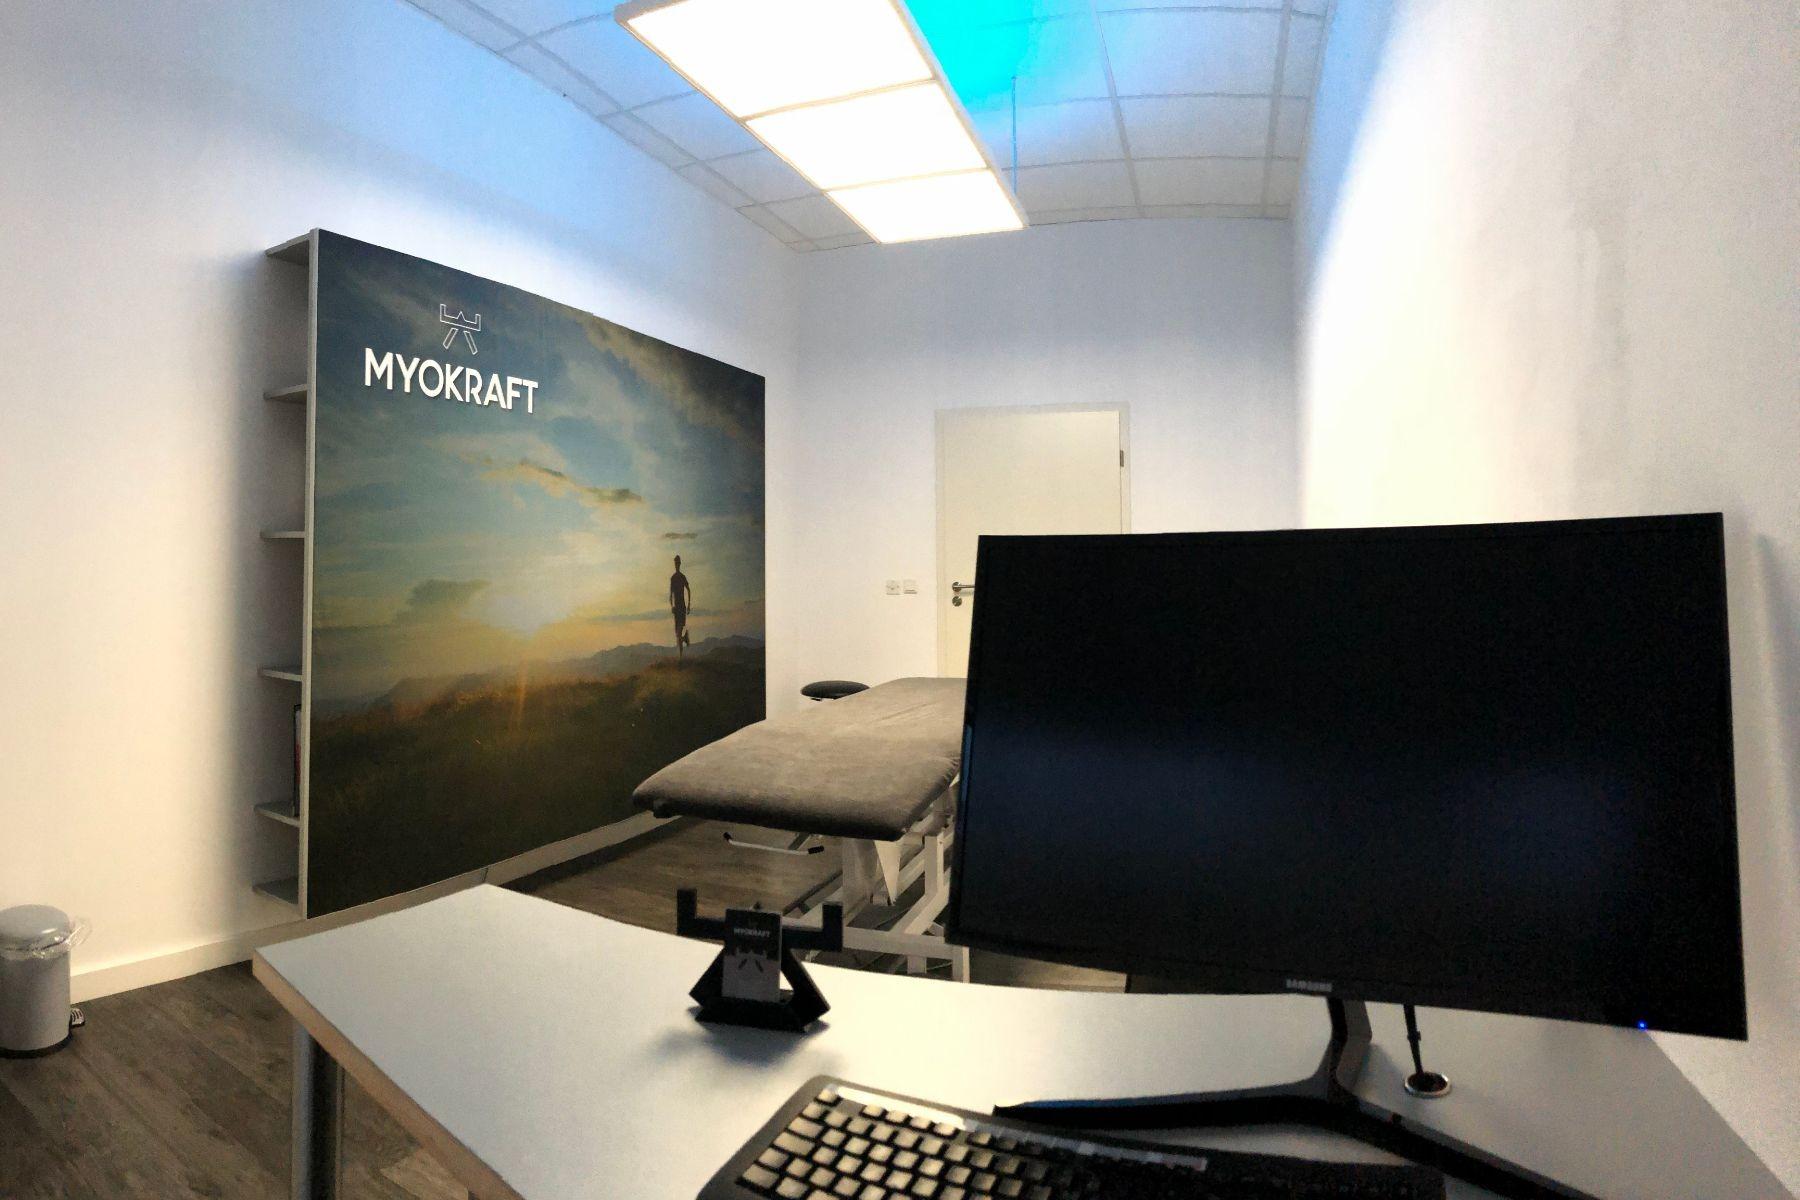 MYOKRAFT - Arbeite mit uns13